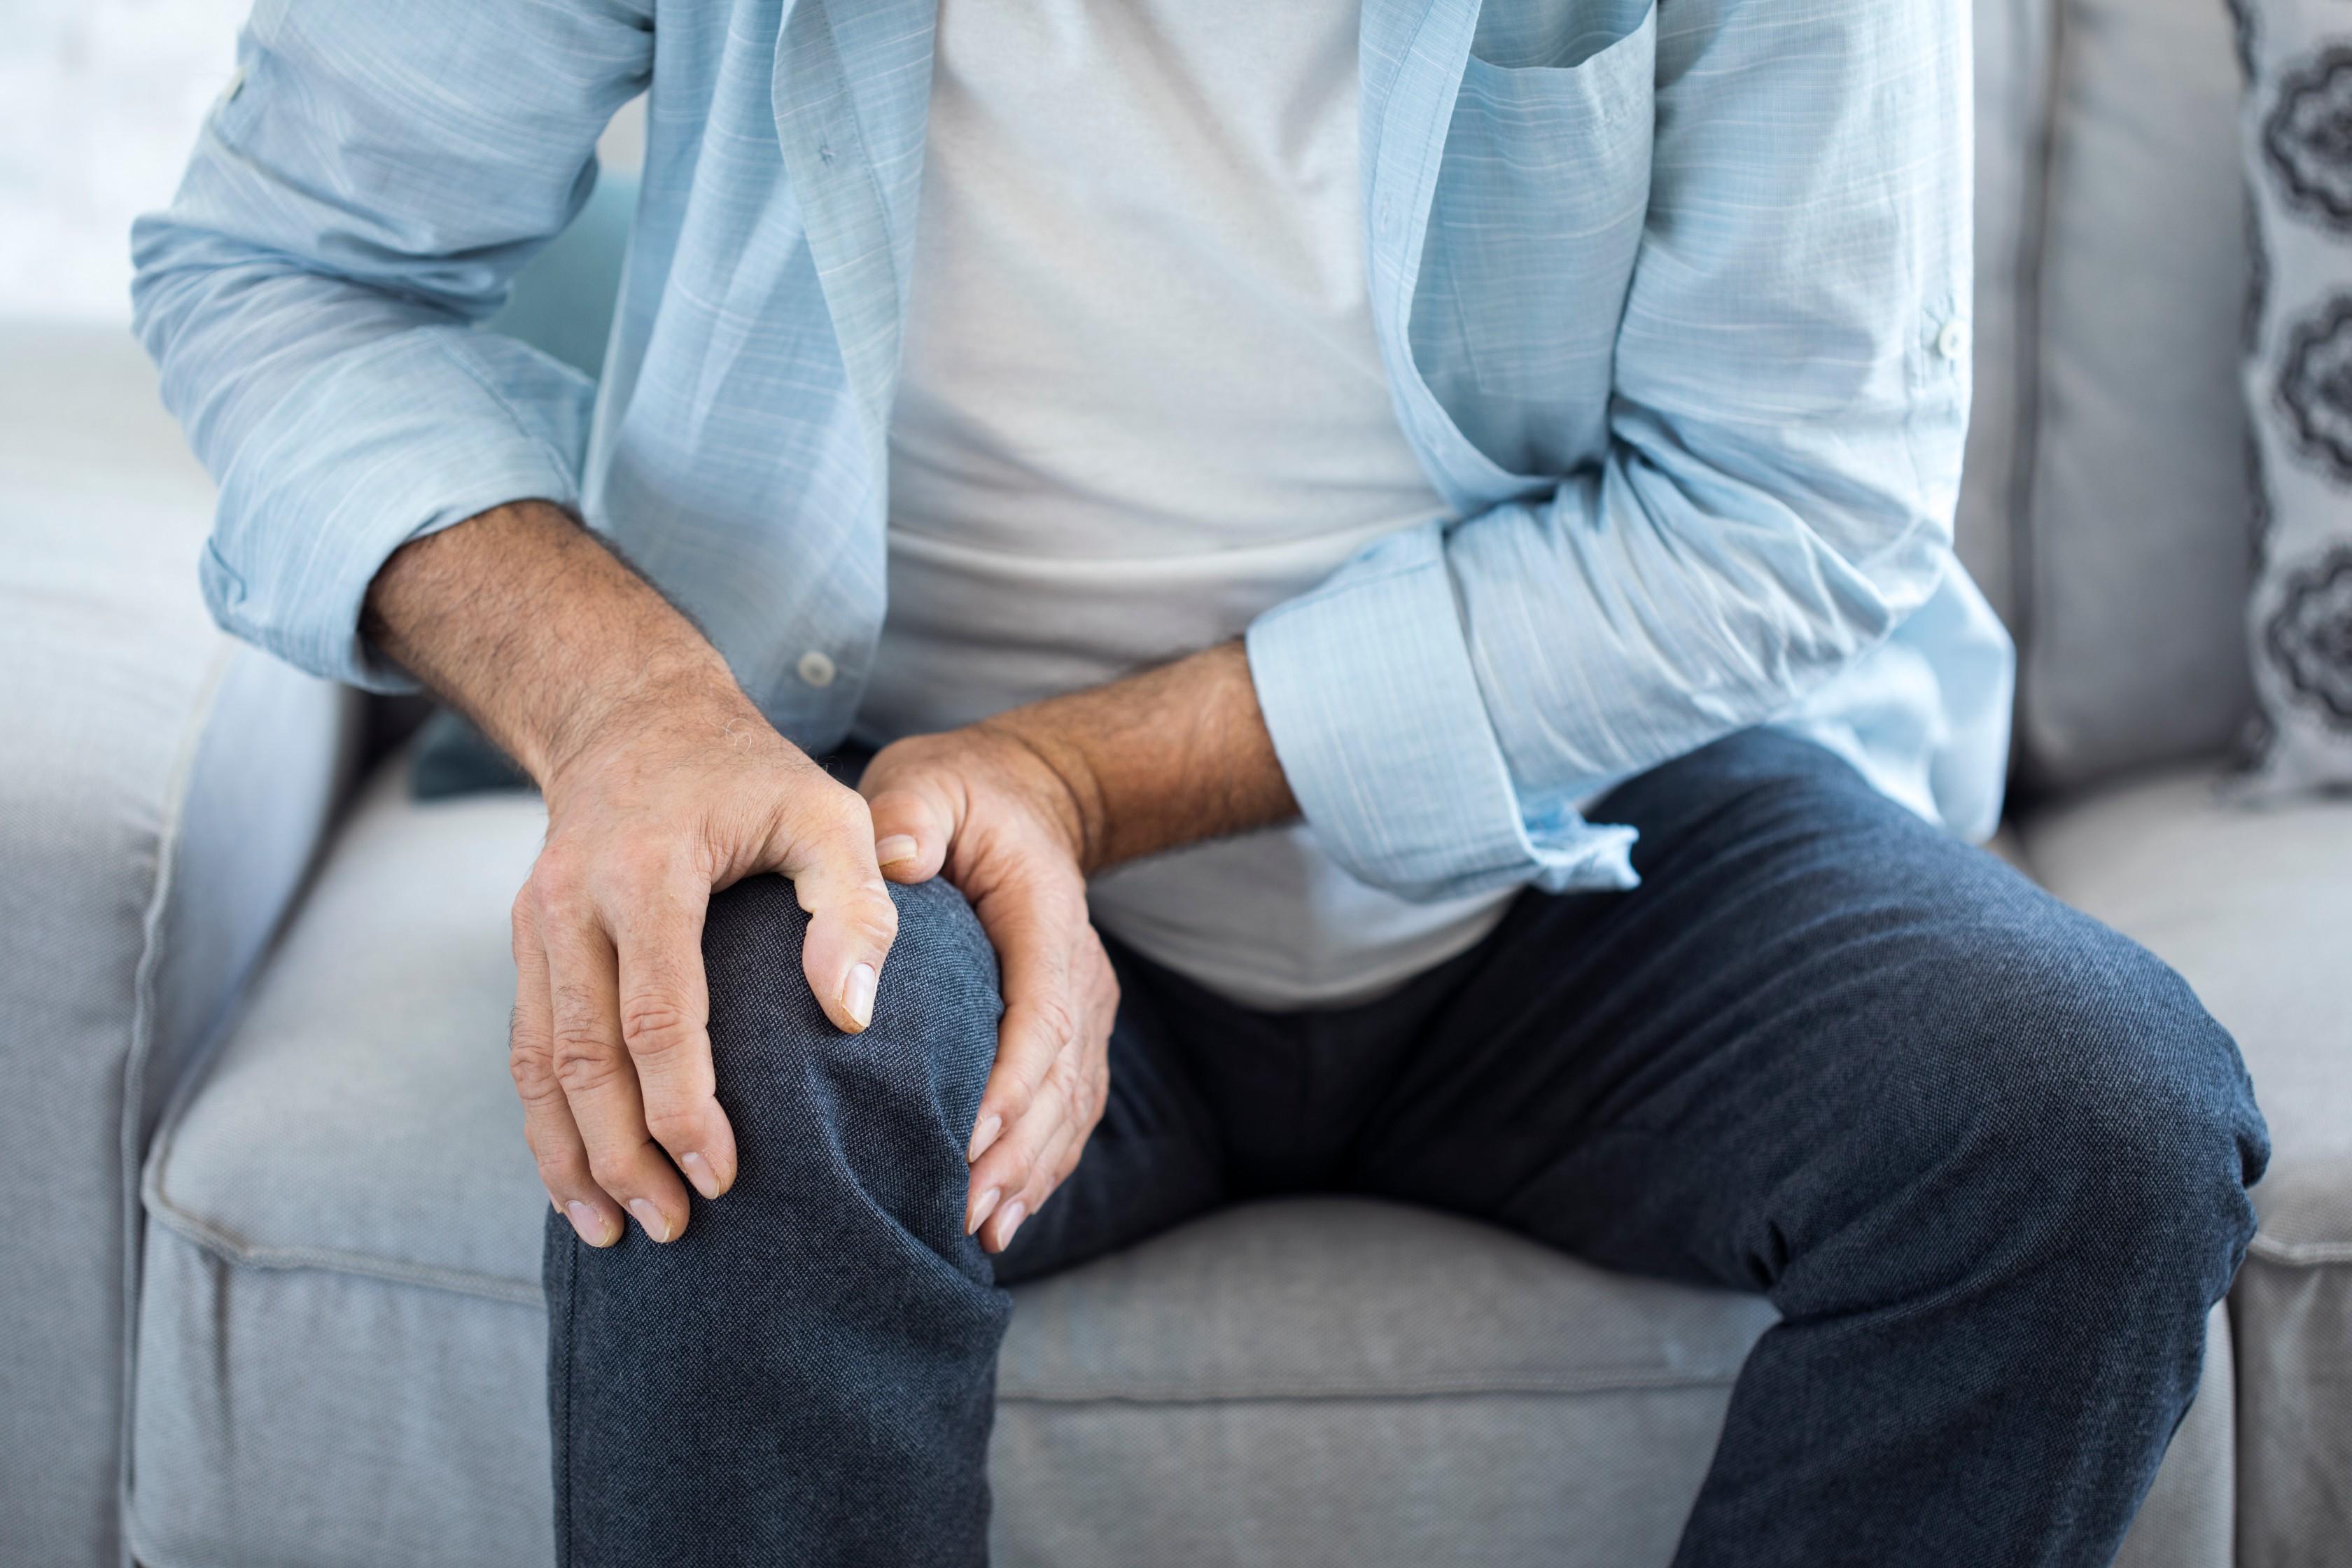 izom- és ízületi fájdalomcsíra ízületi gyulladás homeopátia